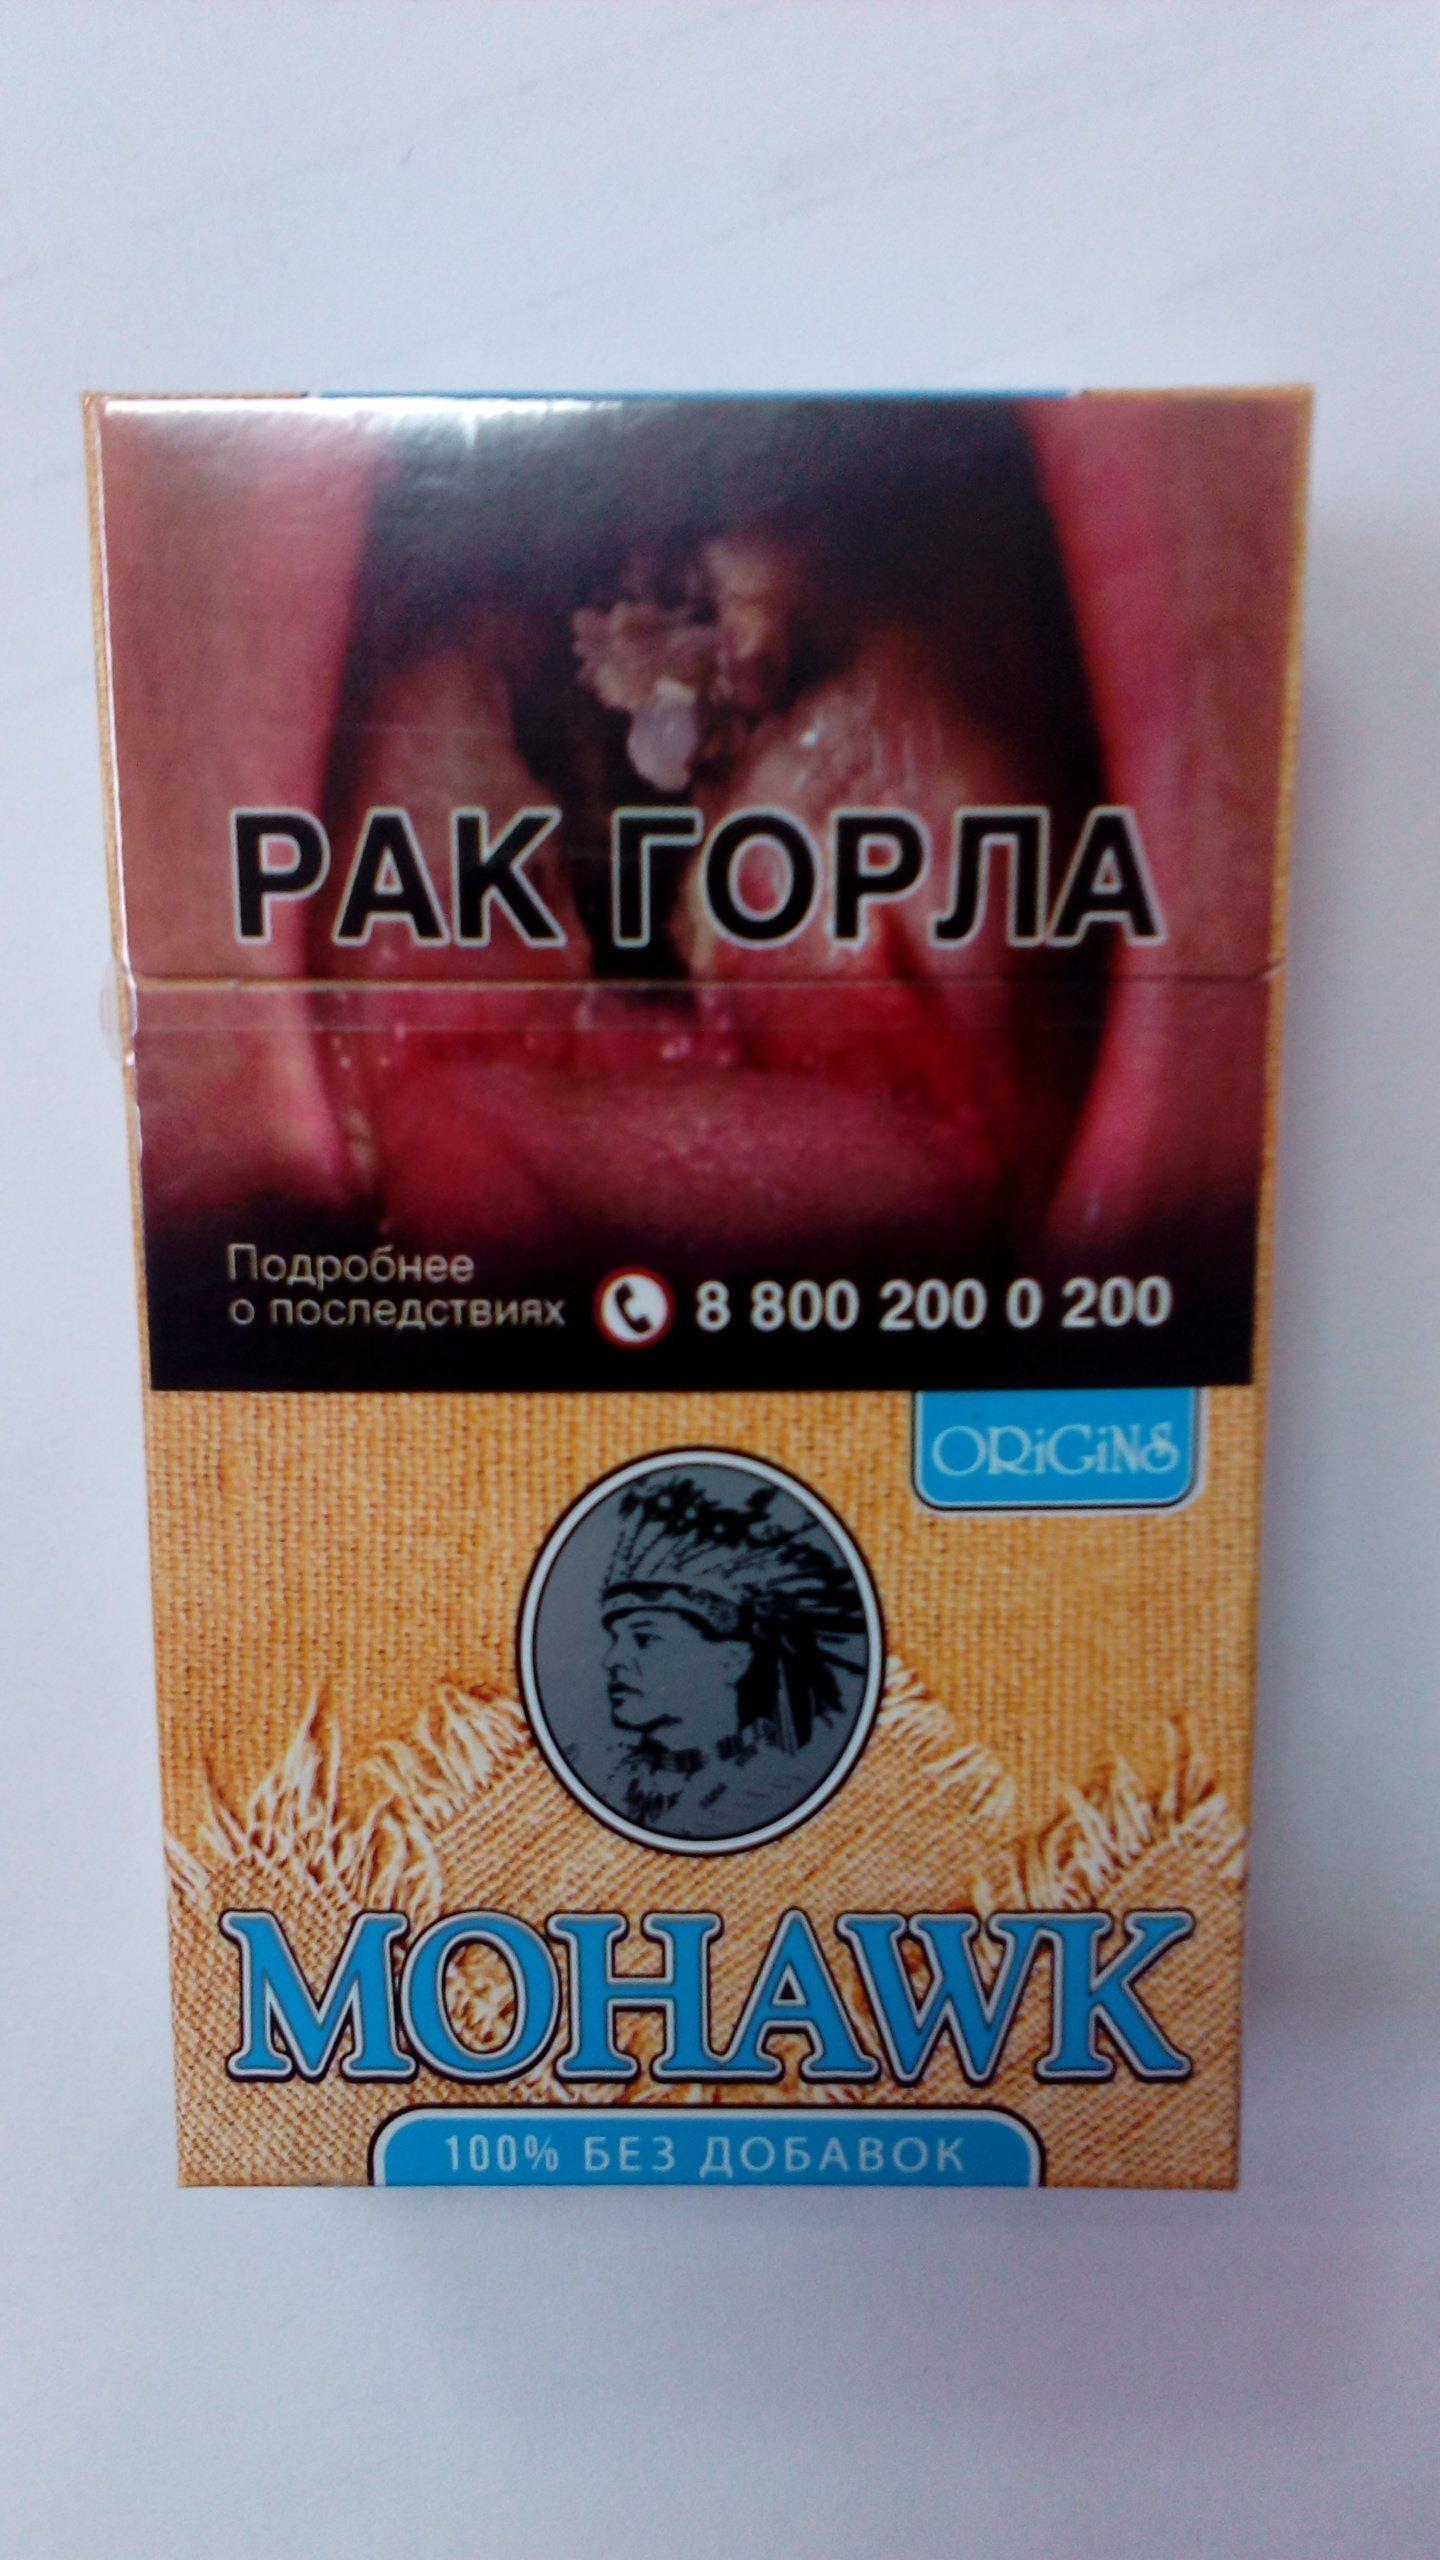 Mohawk сигареты купить hqd электронные сигареты одноразовые сколько затяжек хватает